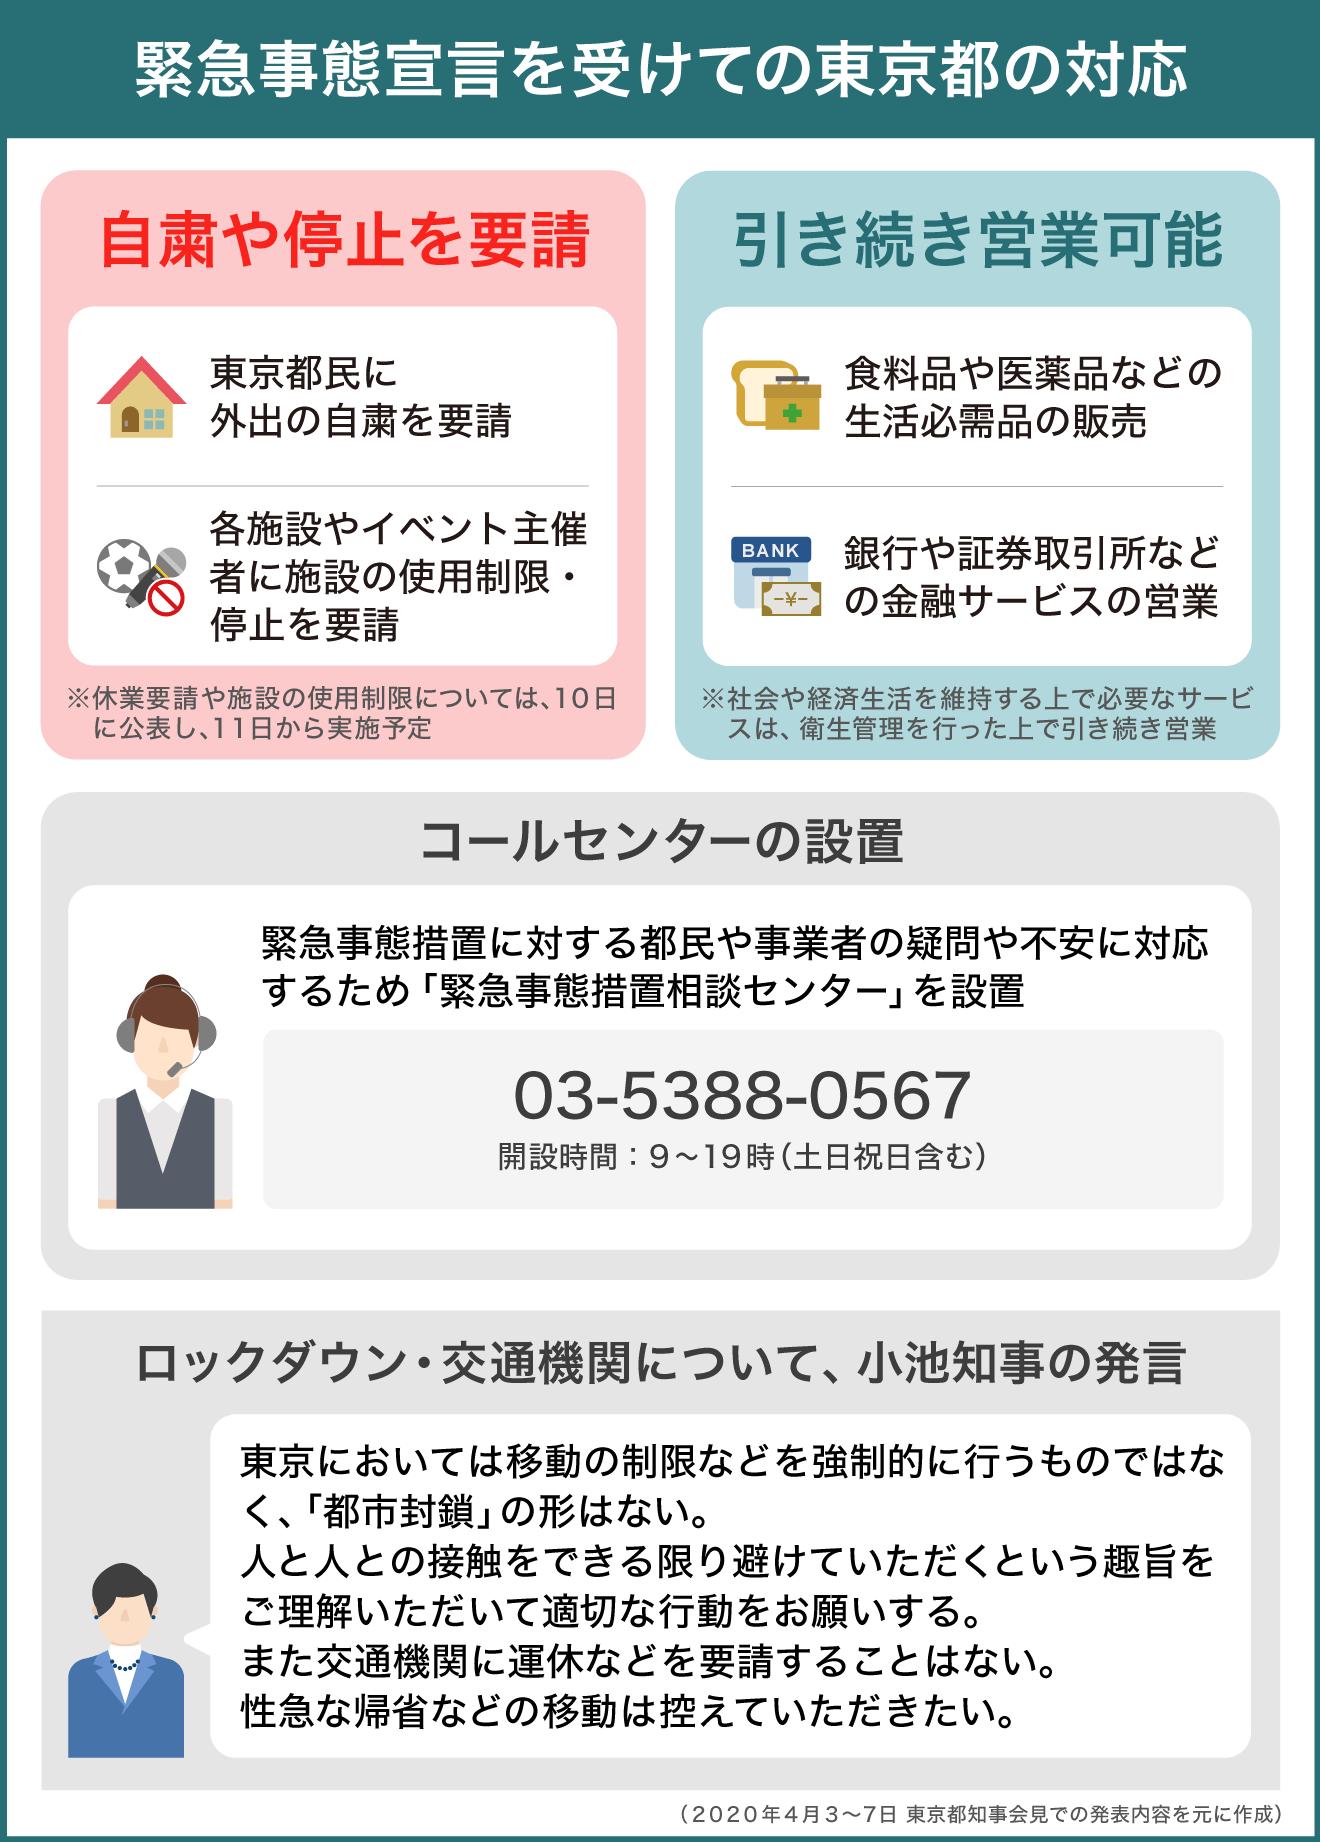 緊急事態を受けての東京の対応